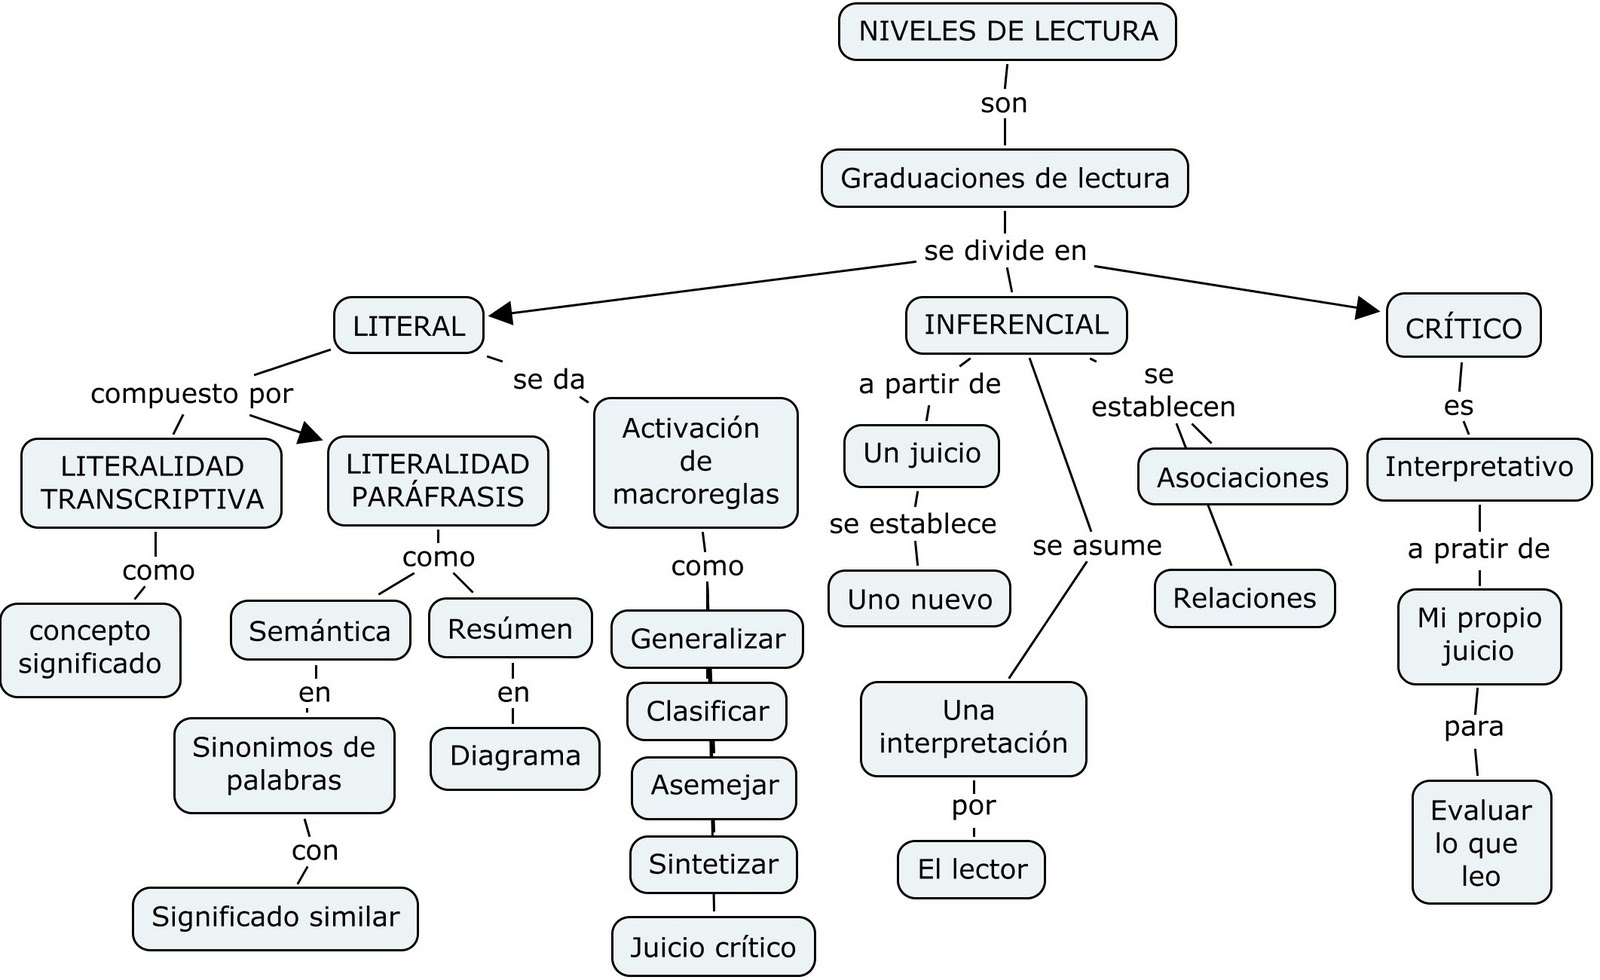 imaginacion lectura y analisis: